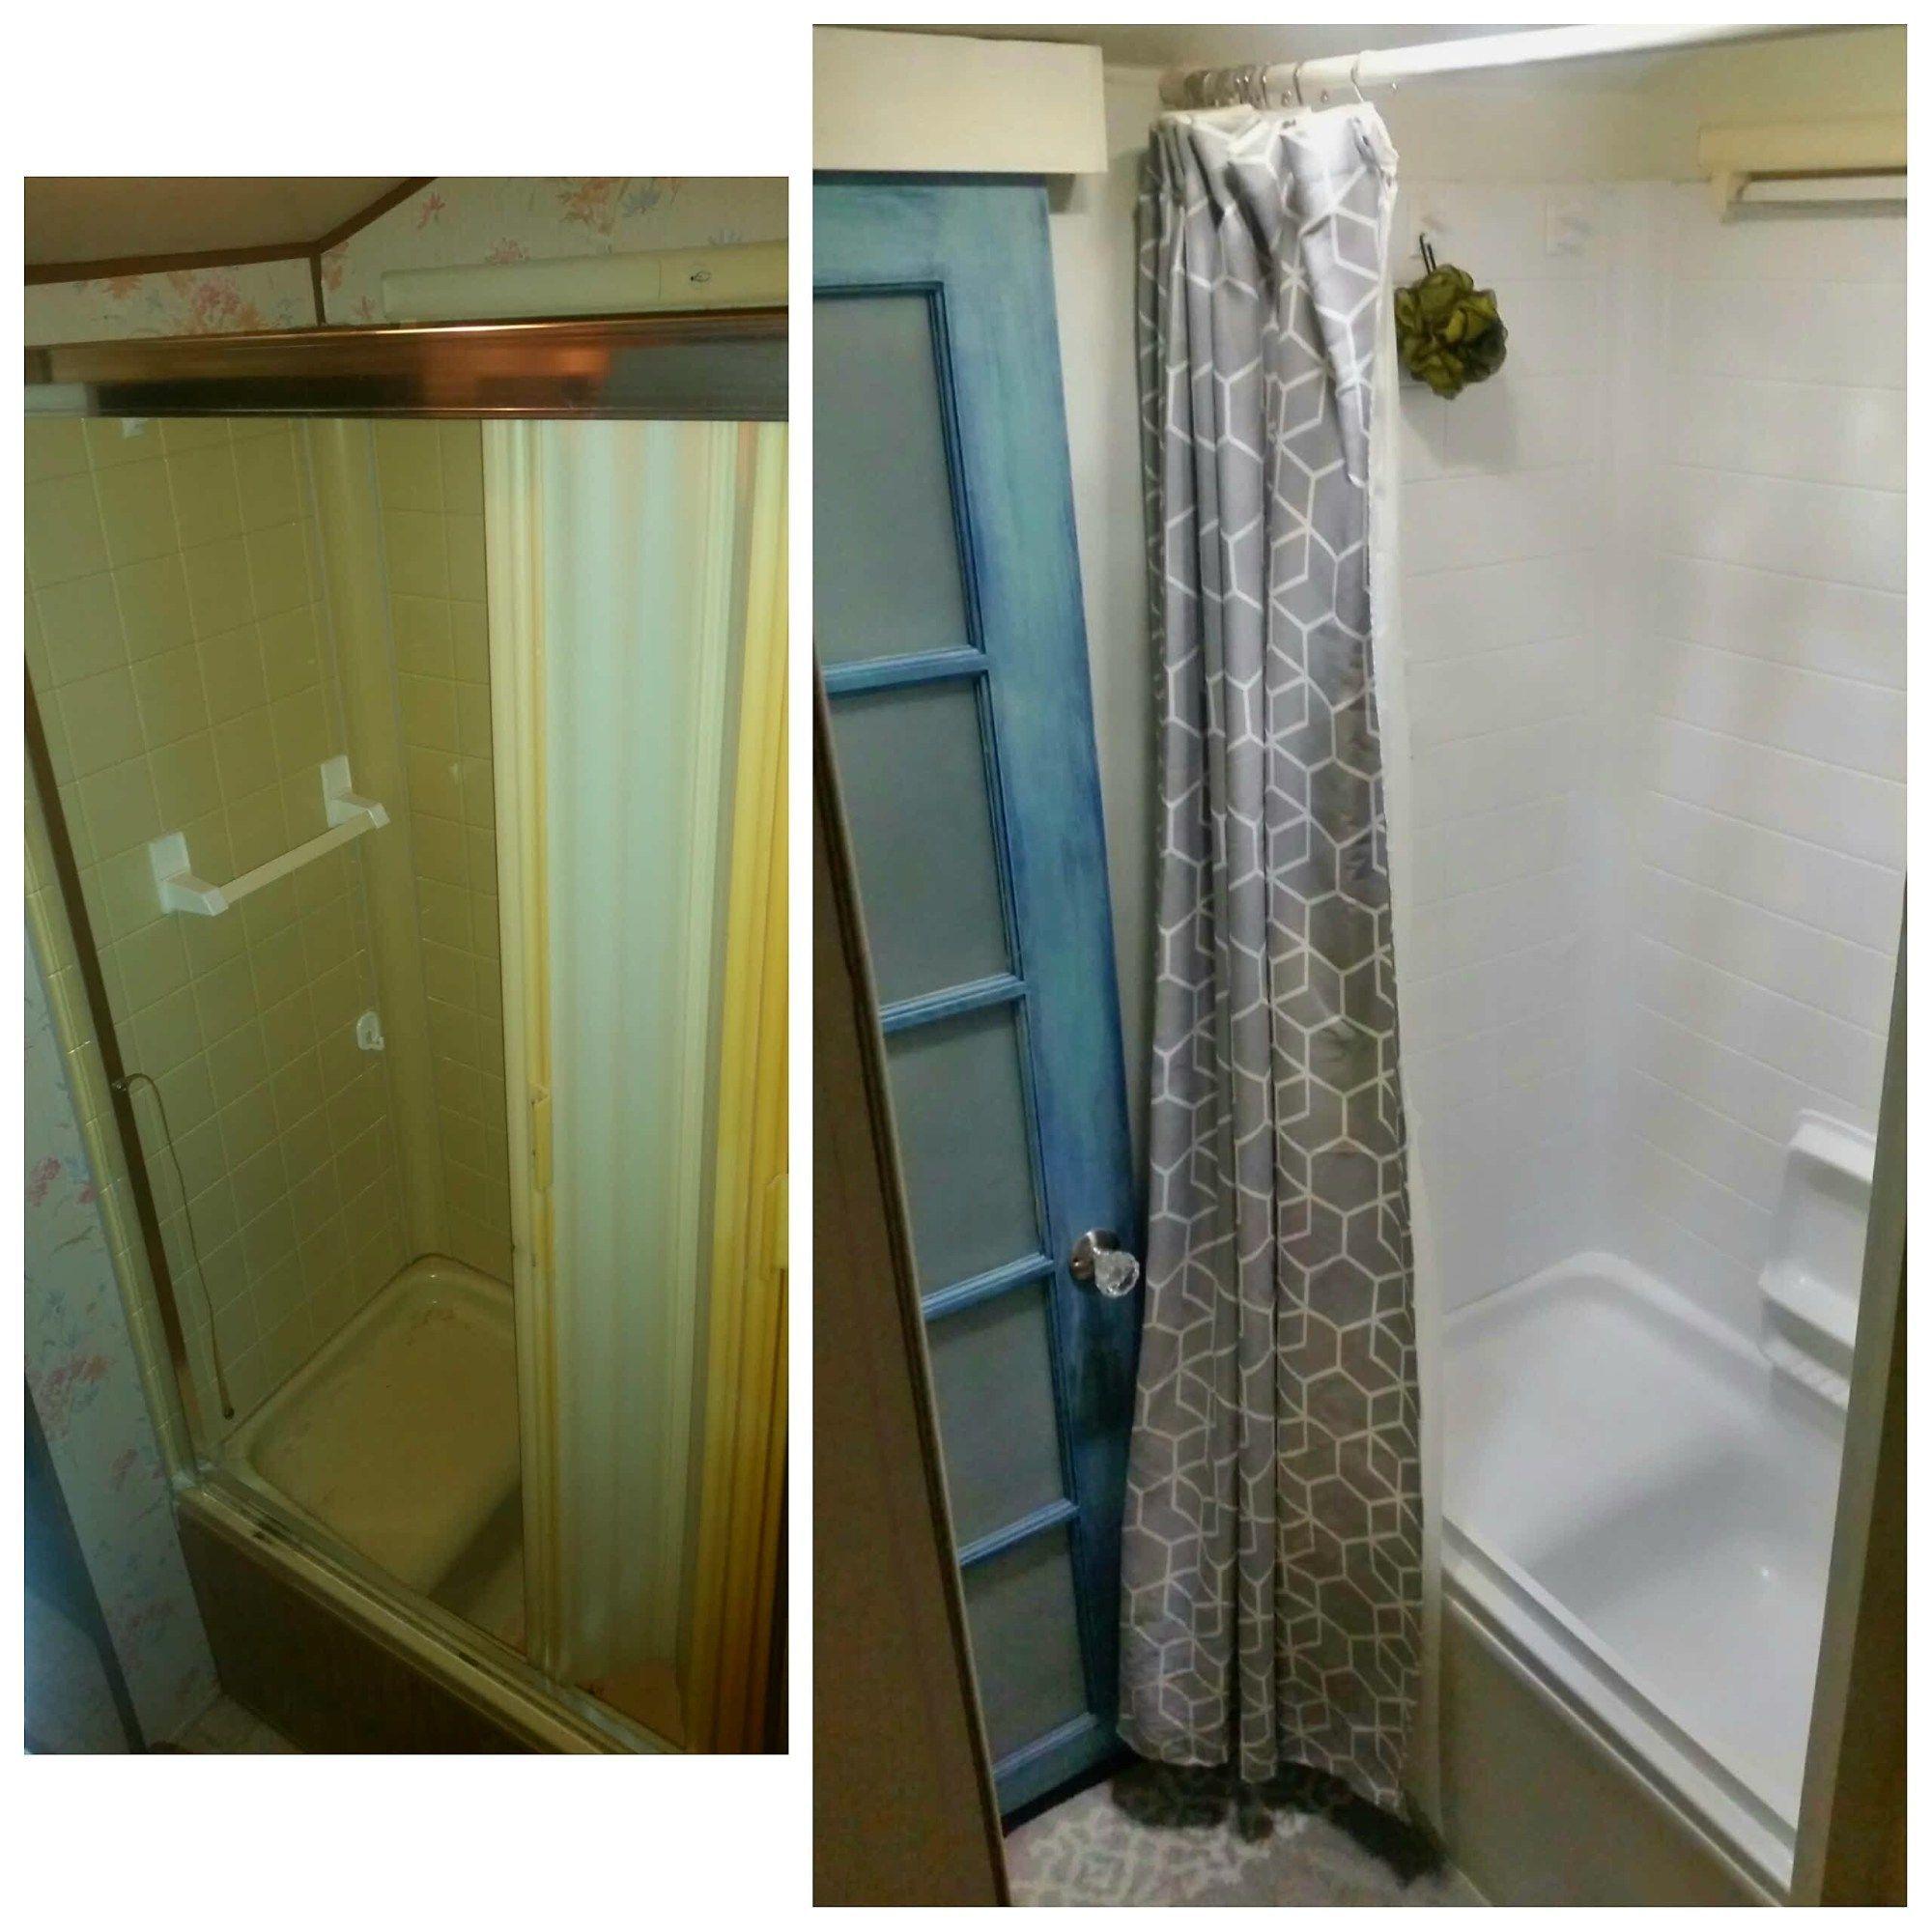 rv shower door video fix quick repair diy latch glass doors watch youtube